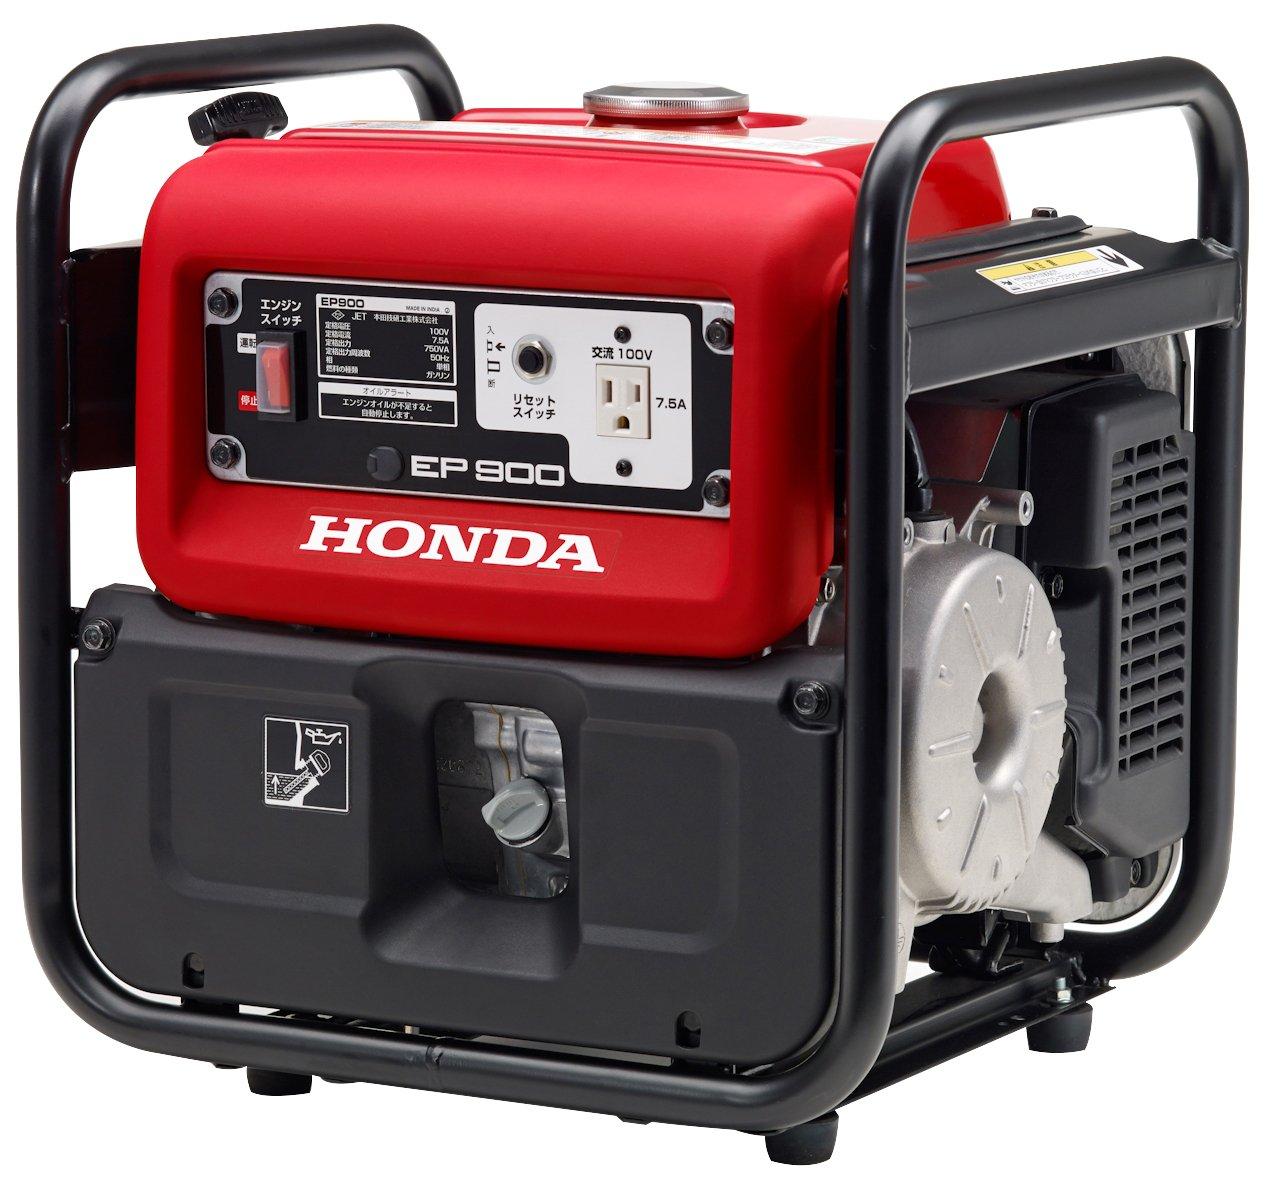 ホンダ EP900NJ スタンダード発電機